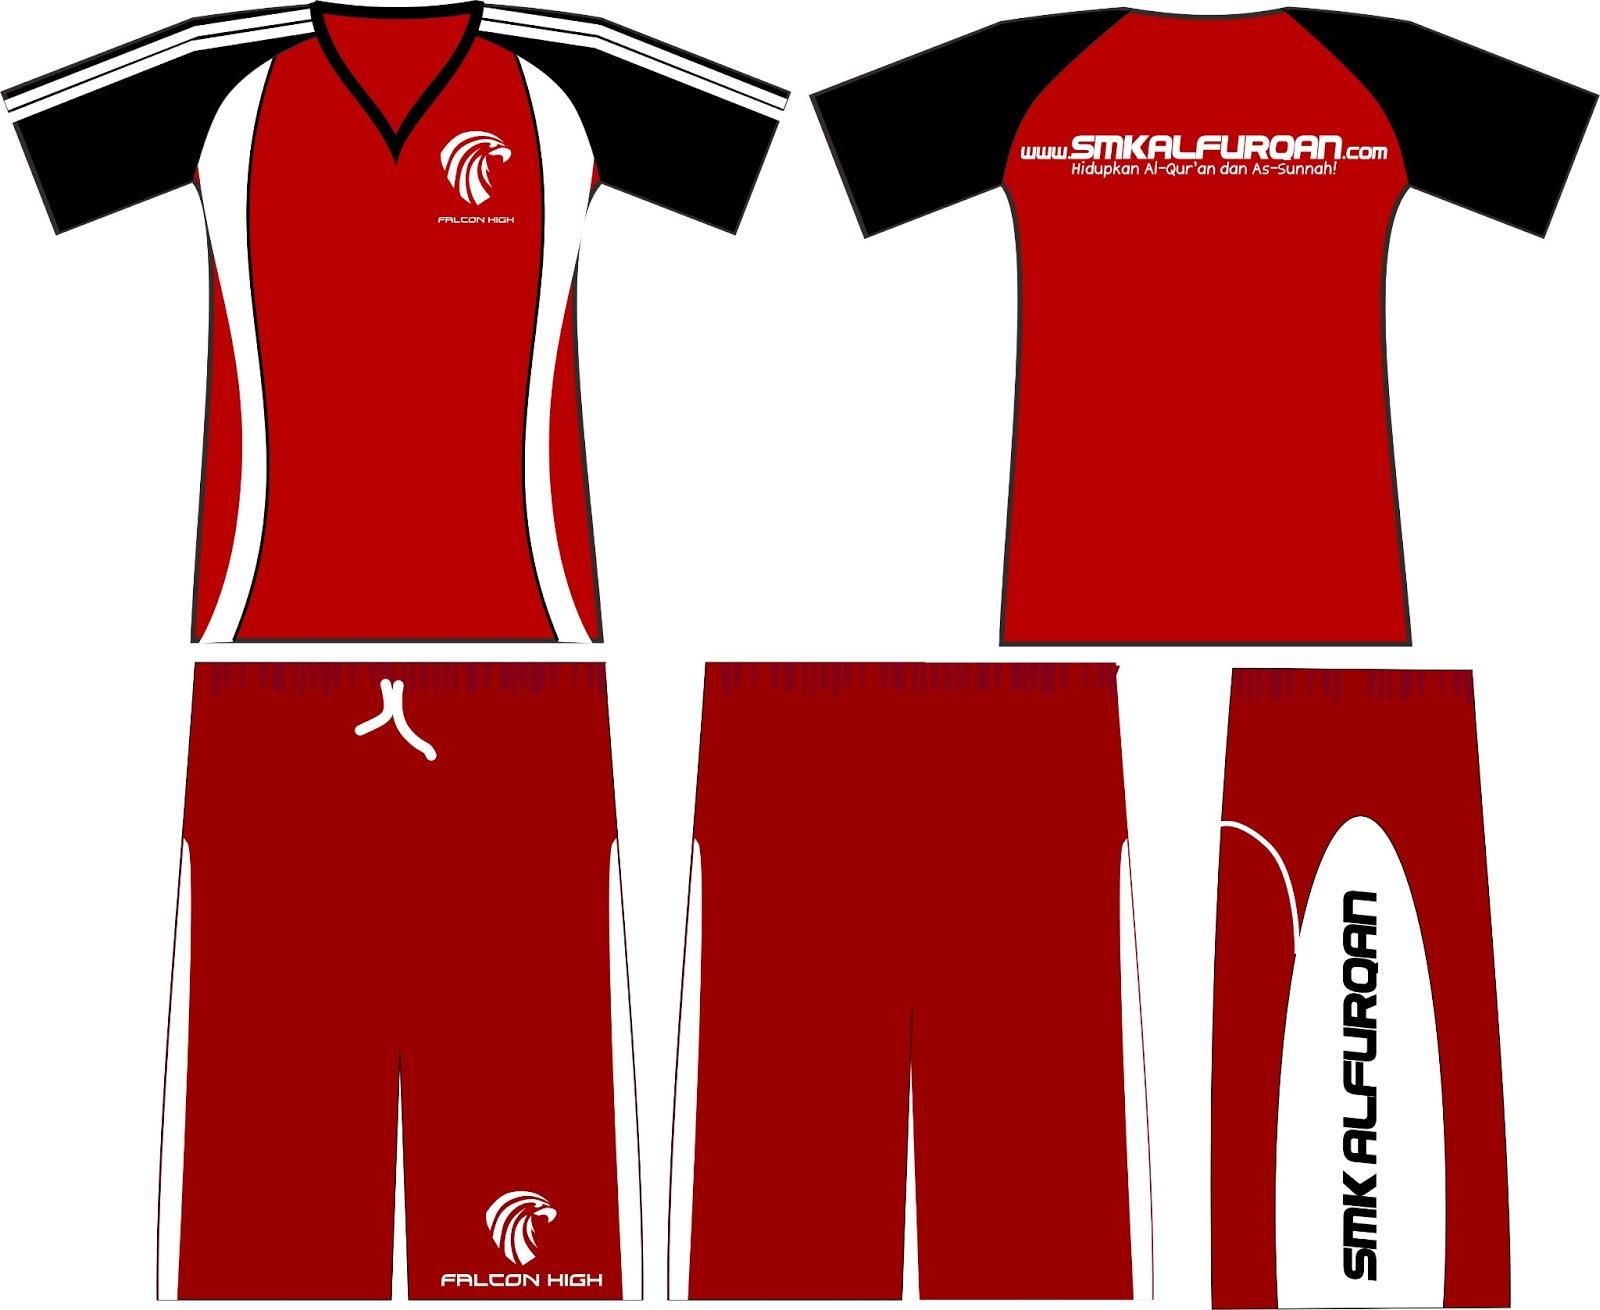 Hình ảnh về Ví dụ thiết kế trang phục thể thao dành cho giáo viên mới nhất